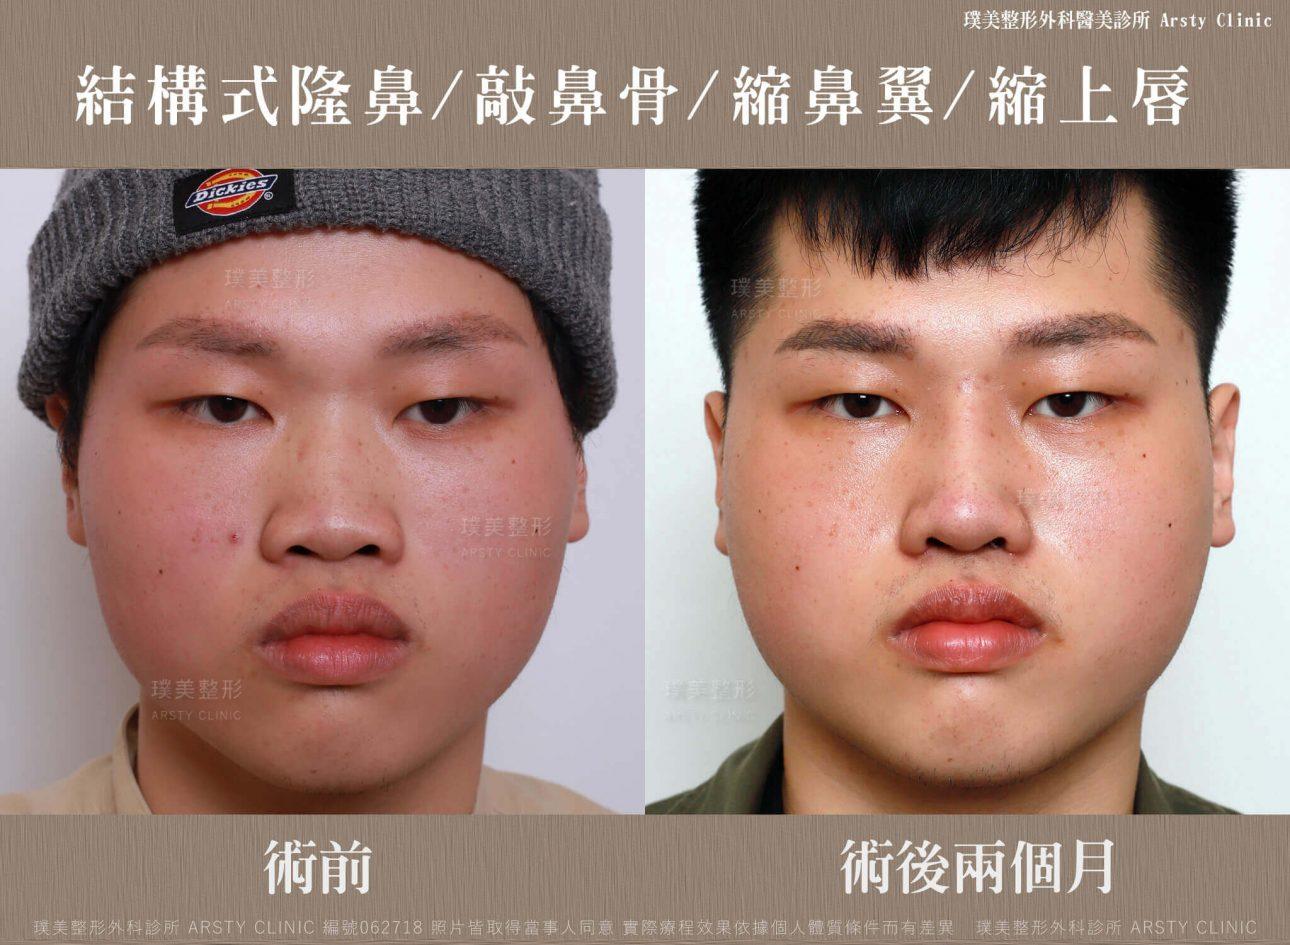 結構式隆鼻手術-縮鼻翼-敲鼻骨-縮上唇-BA-062718-兩個月週正面